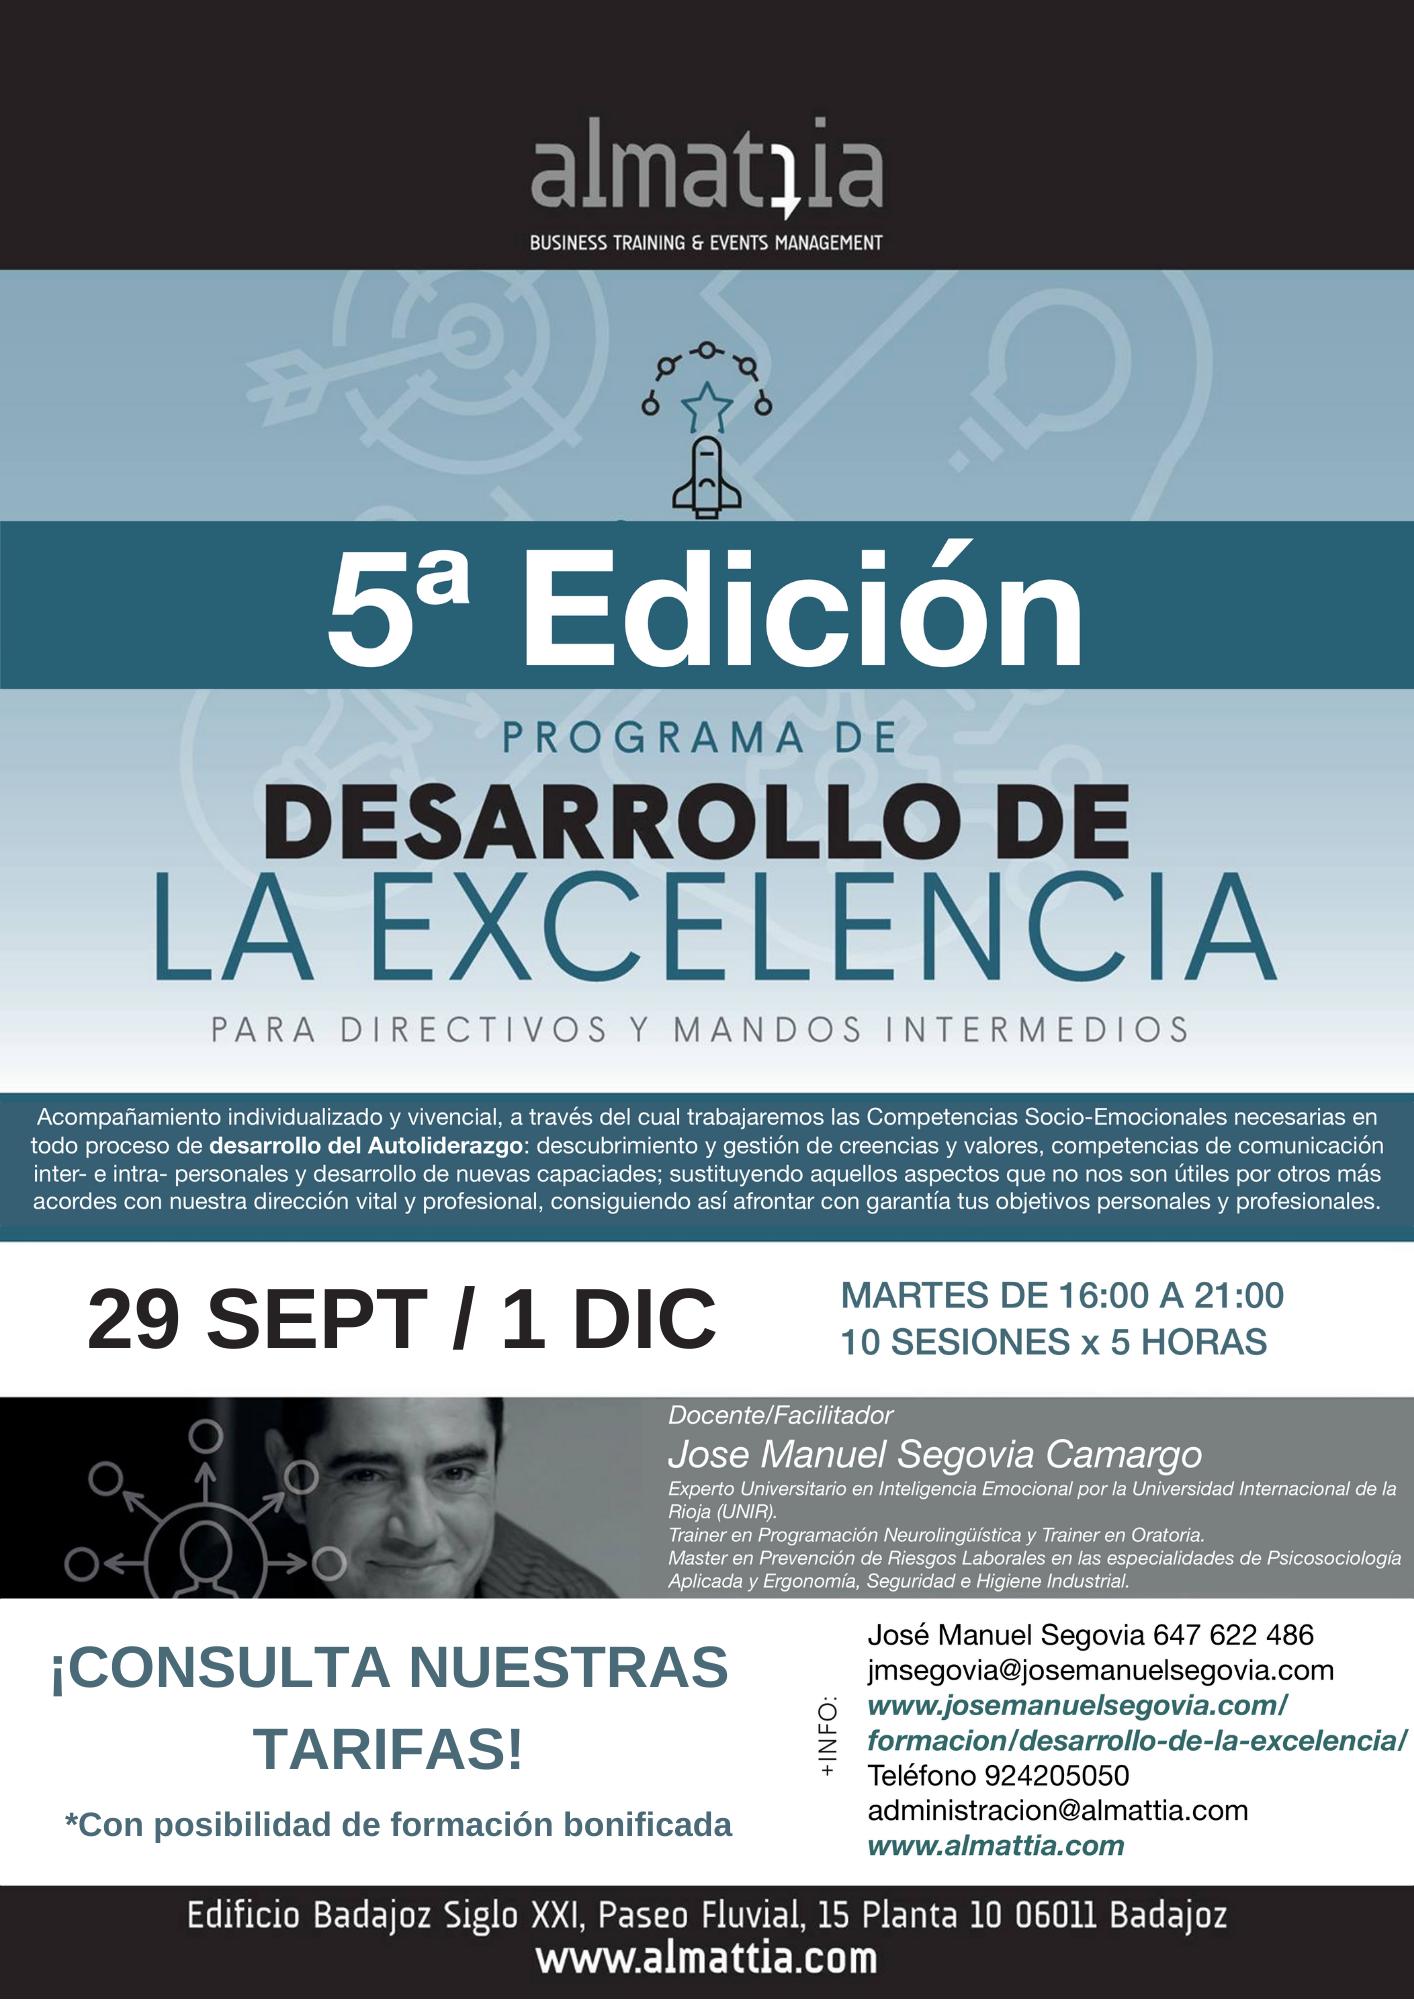 5ª EDICIÓN DE EXCELENCIA